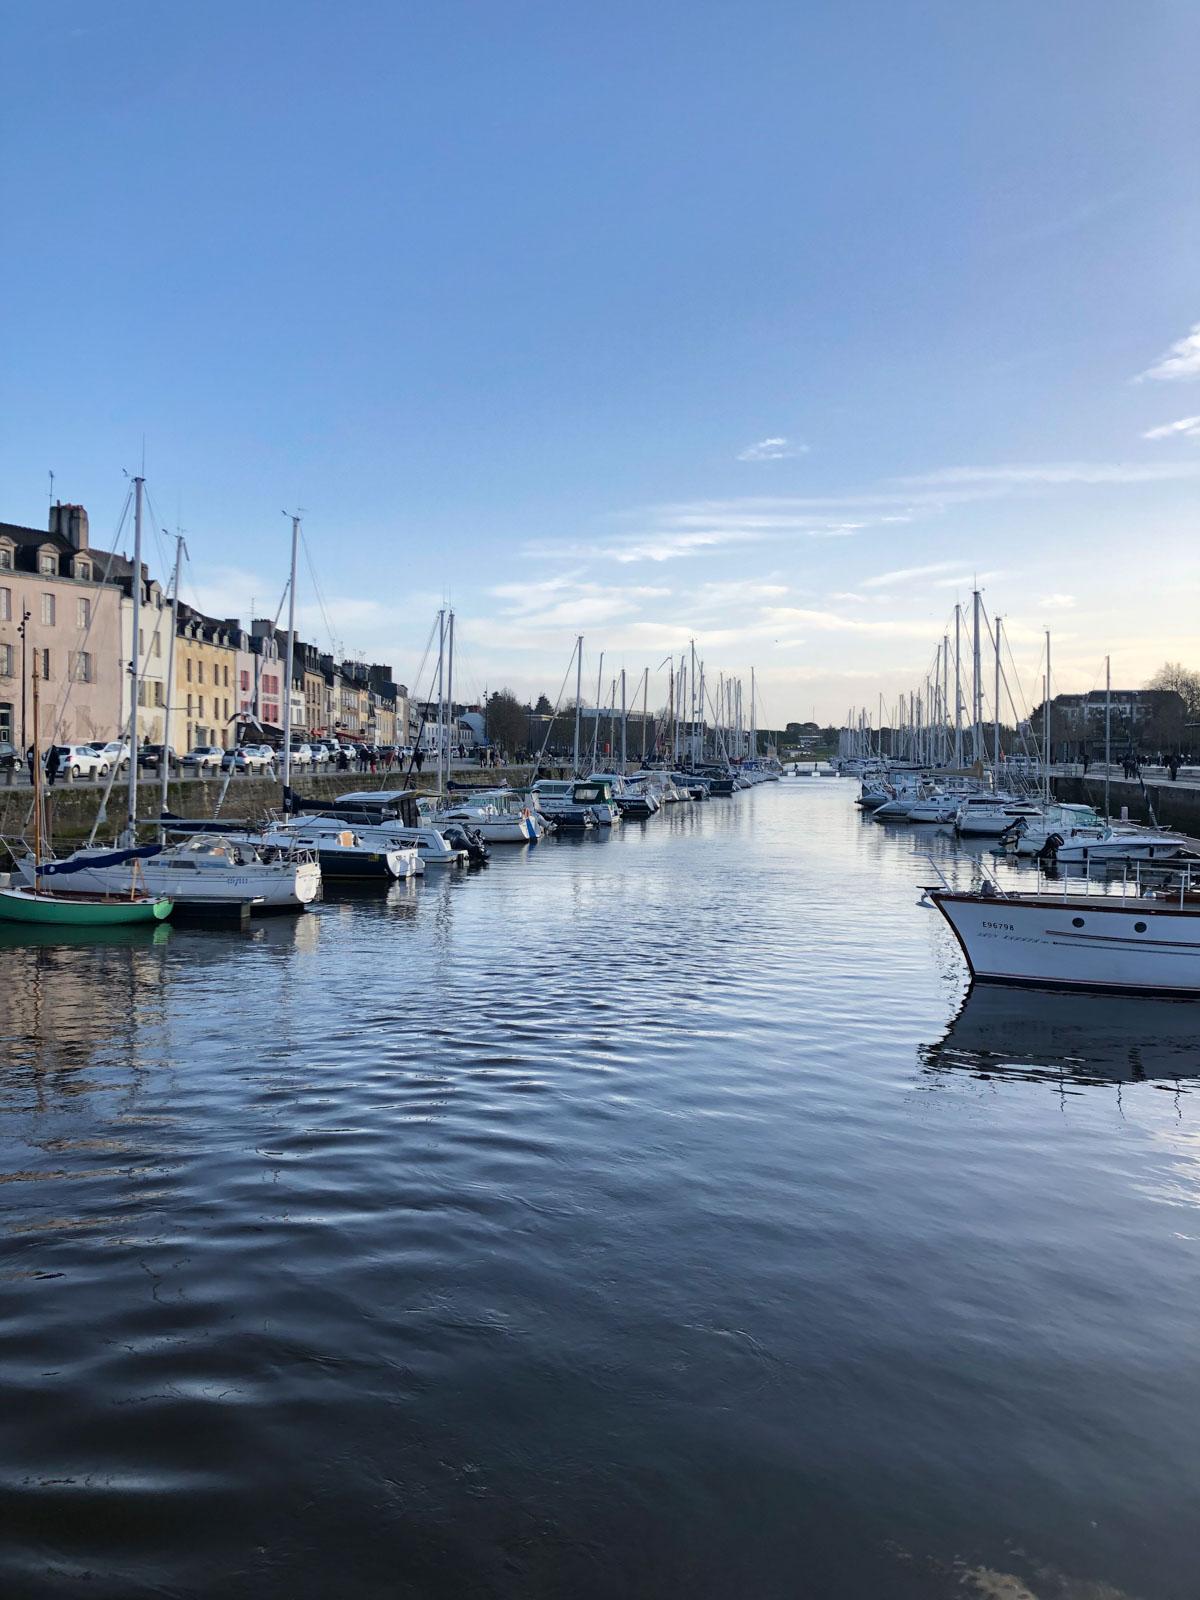 Le Port de Vannes, Morbihan, Bretagne